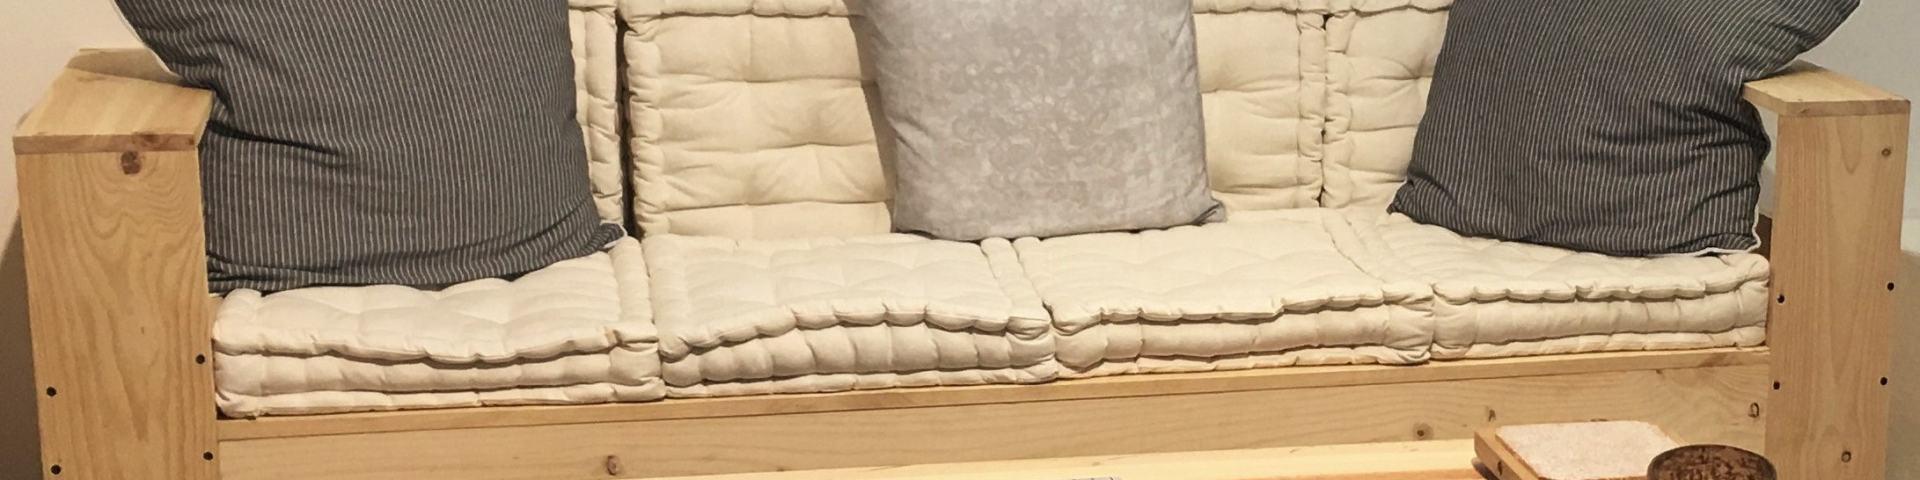 comment faire une canapé en palette